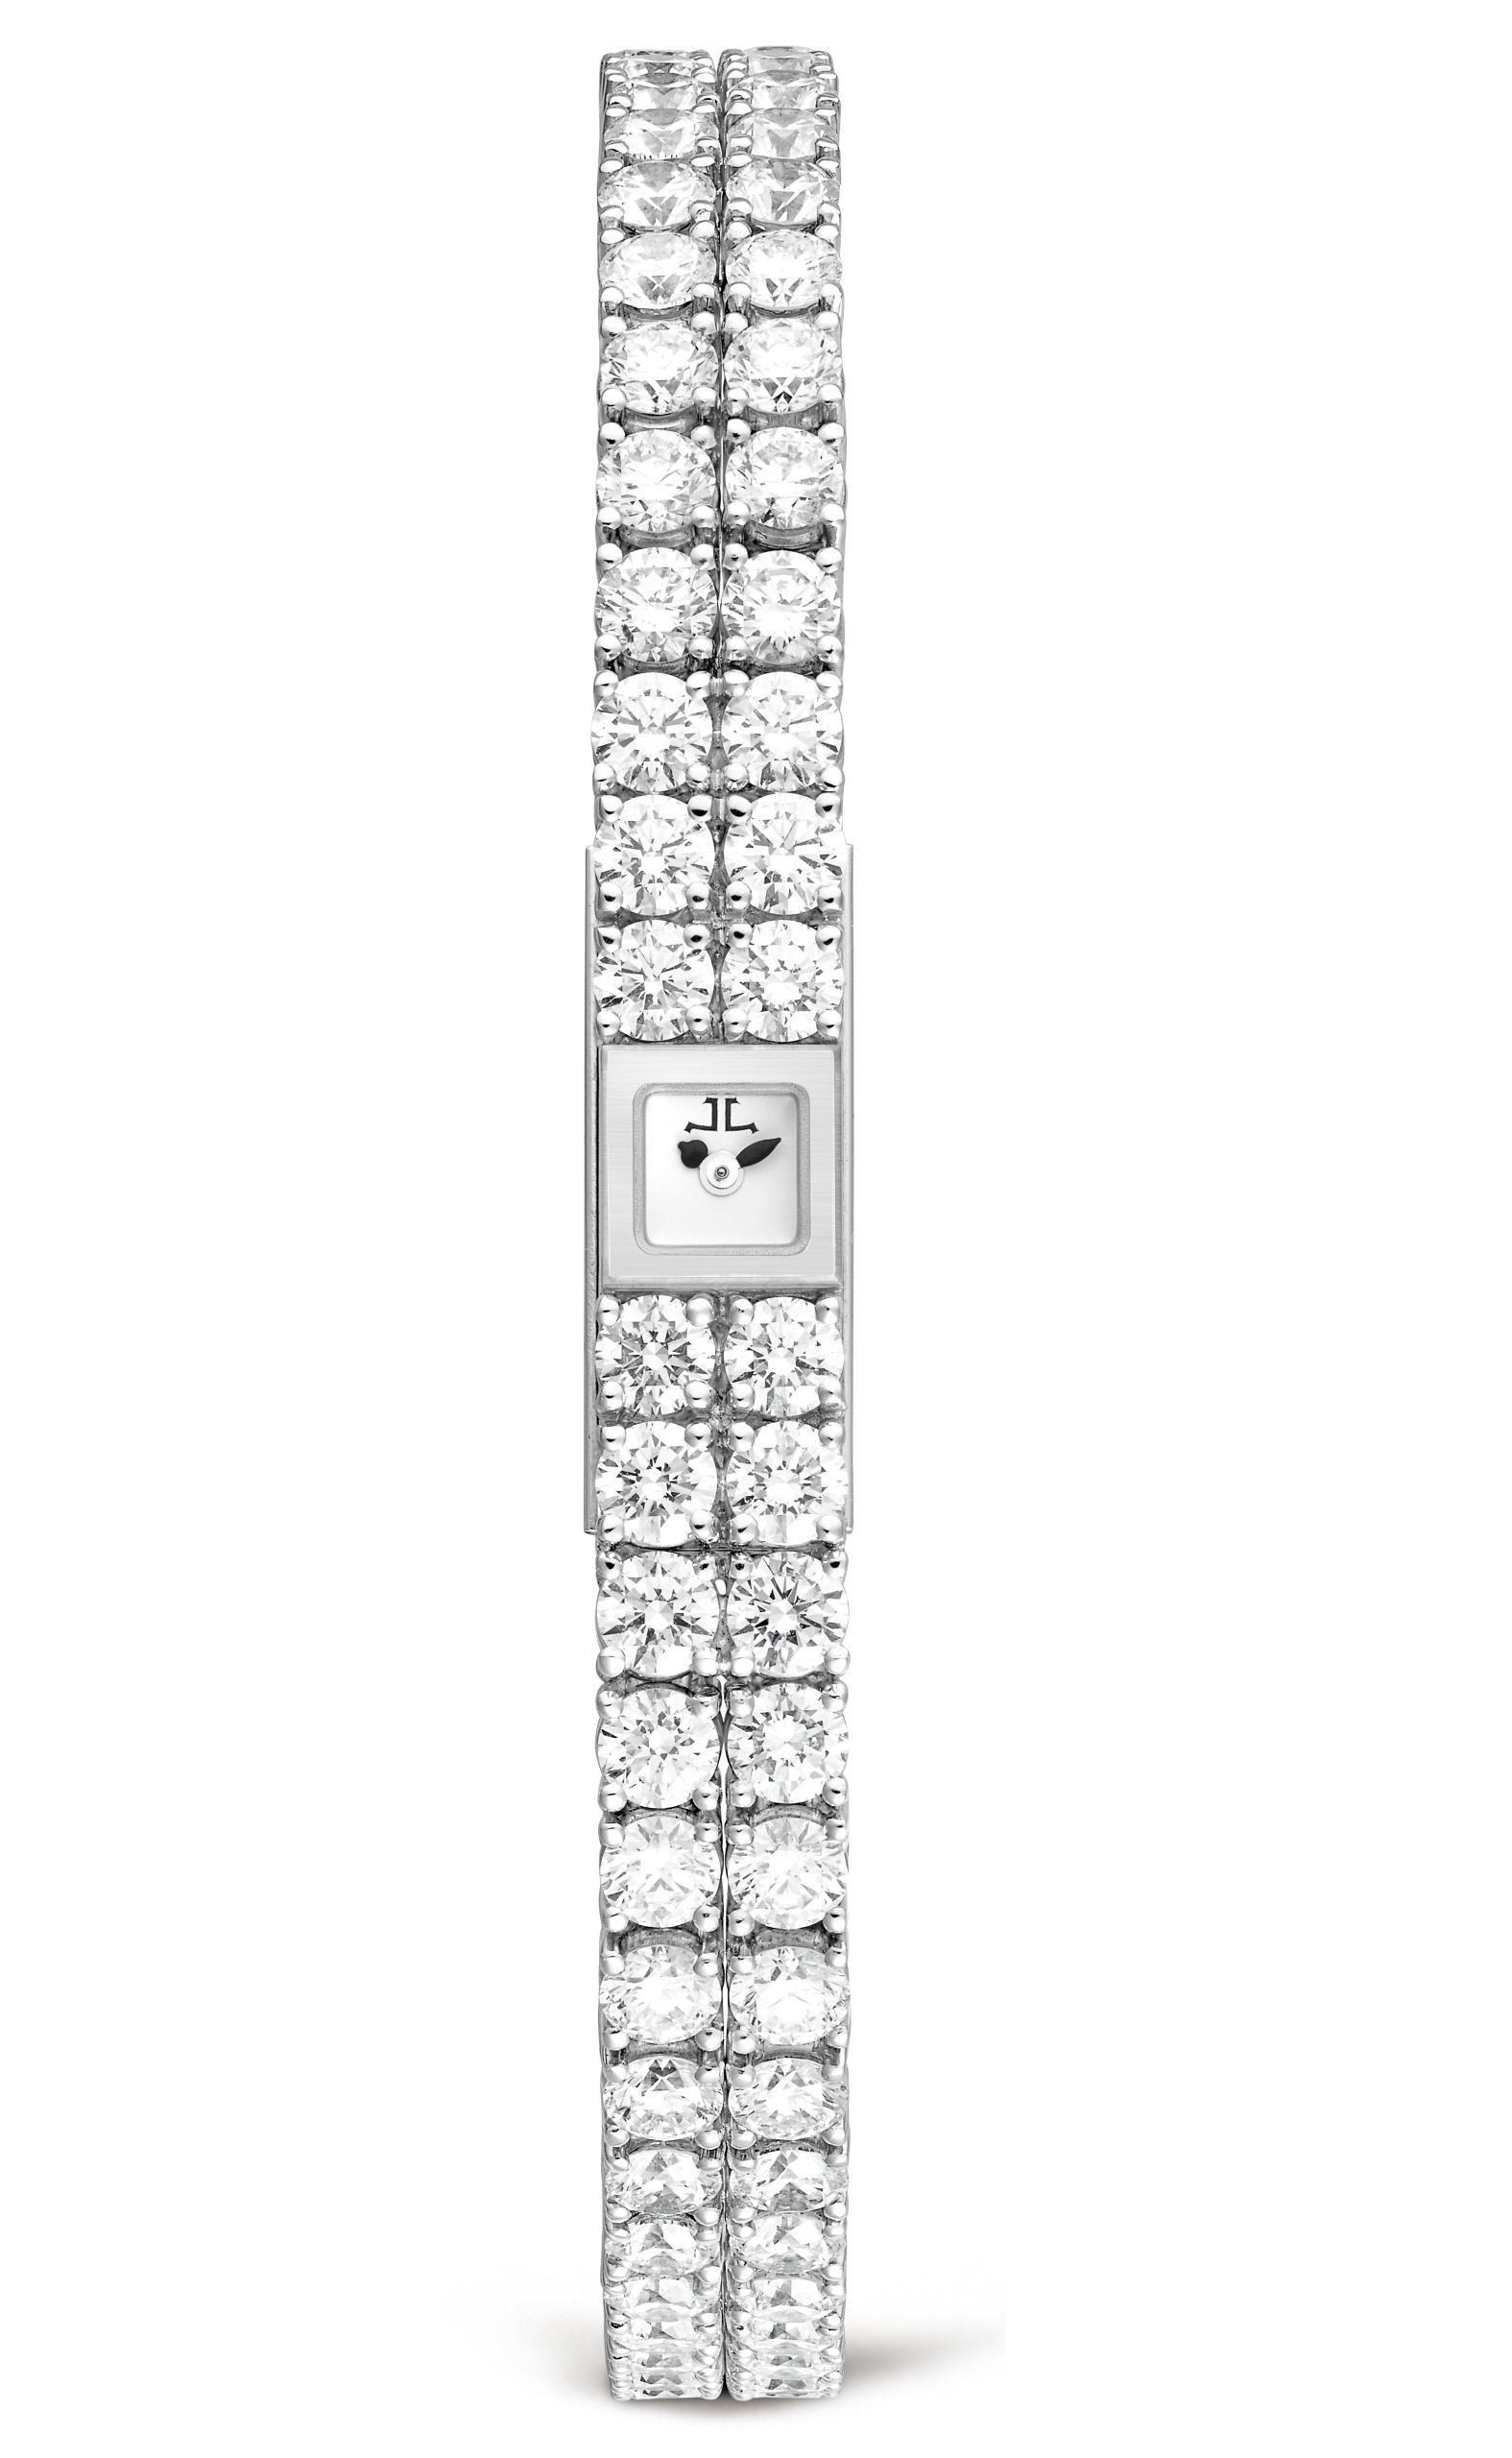 ساعة ريفيير 101 رين RIVIERE 101 REINE  JAEGER-LECOULTRE